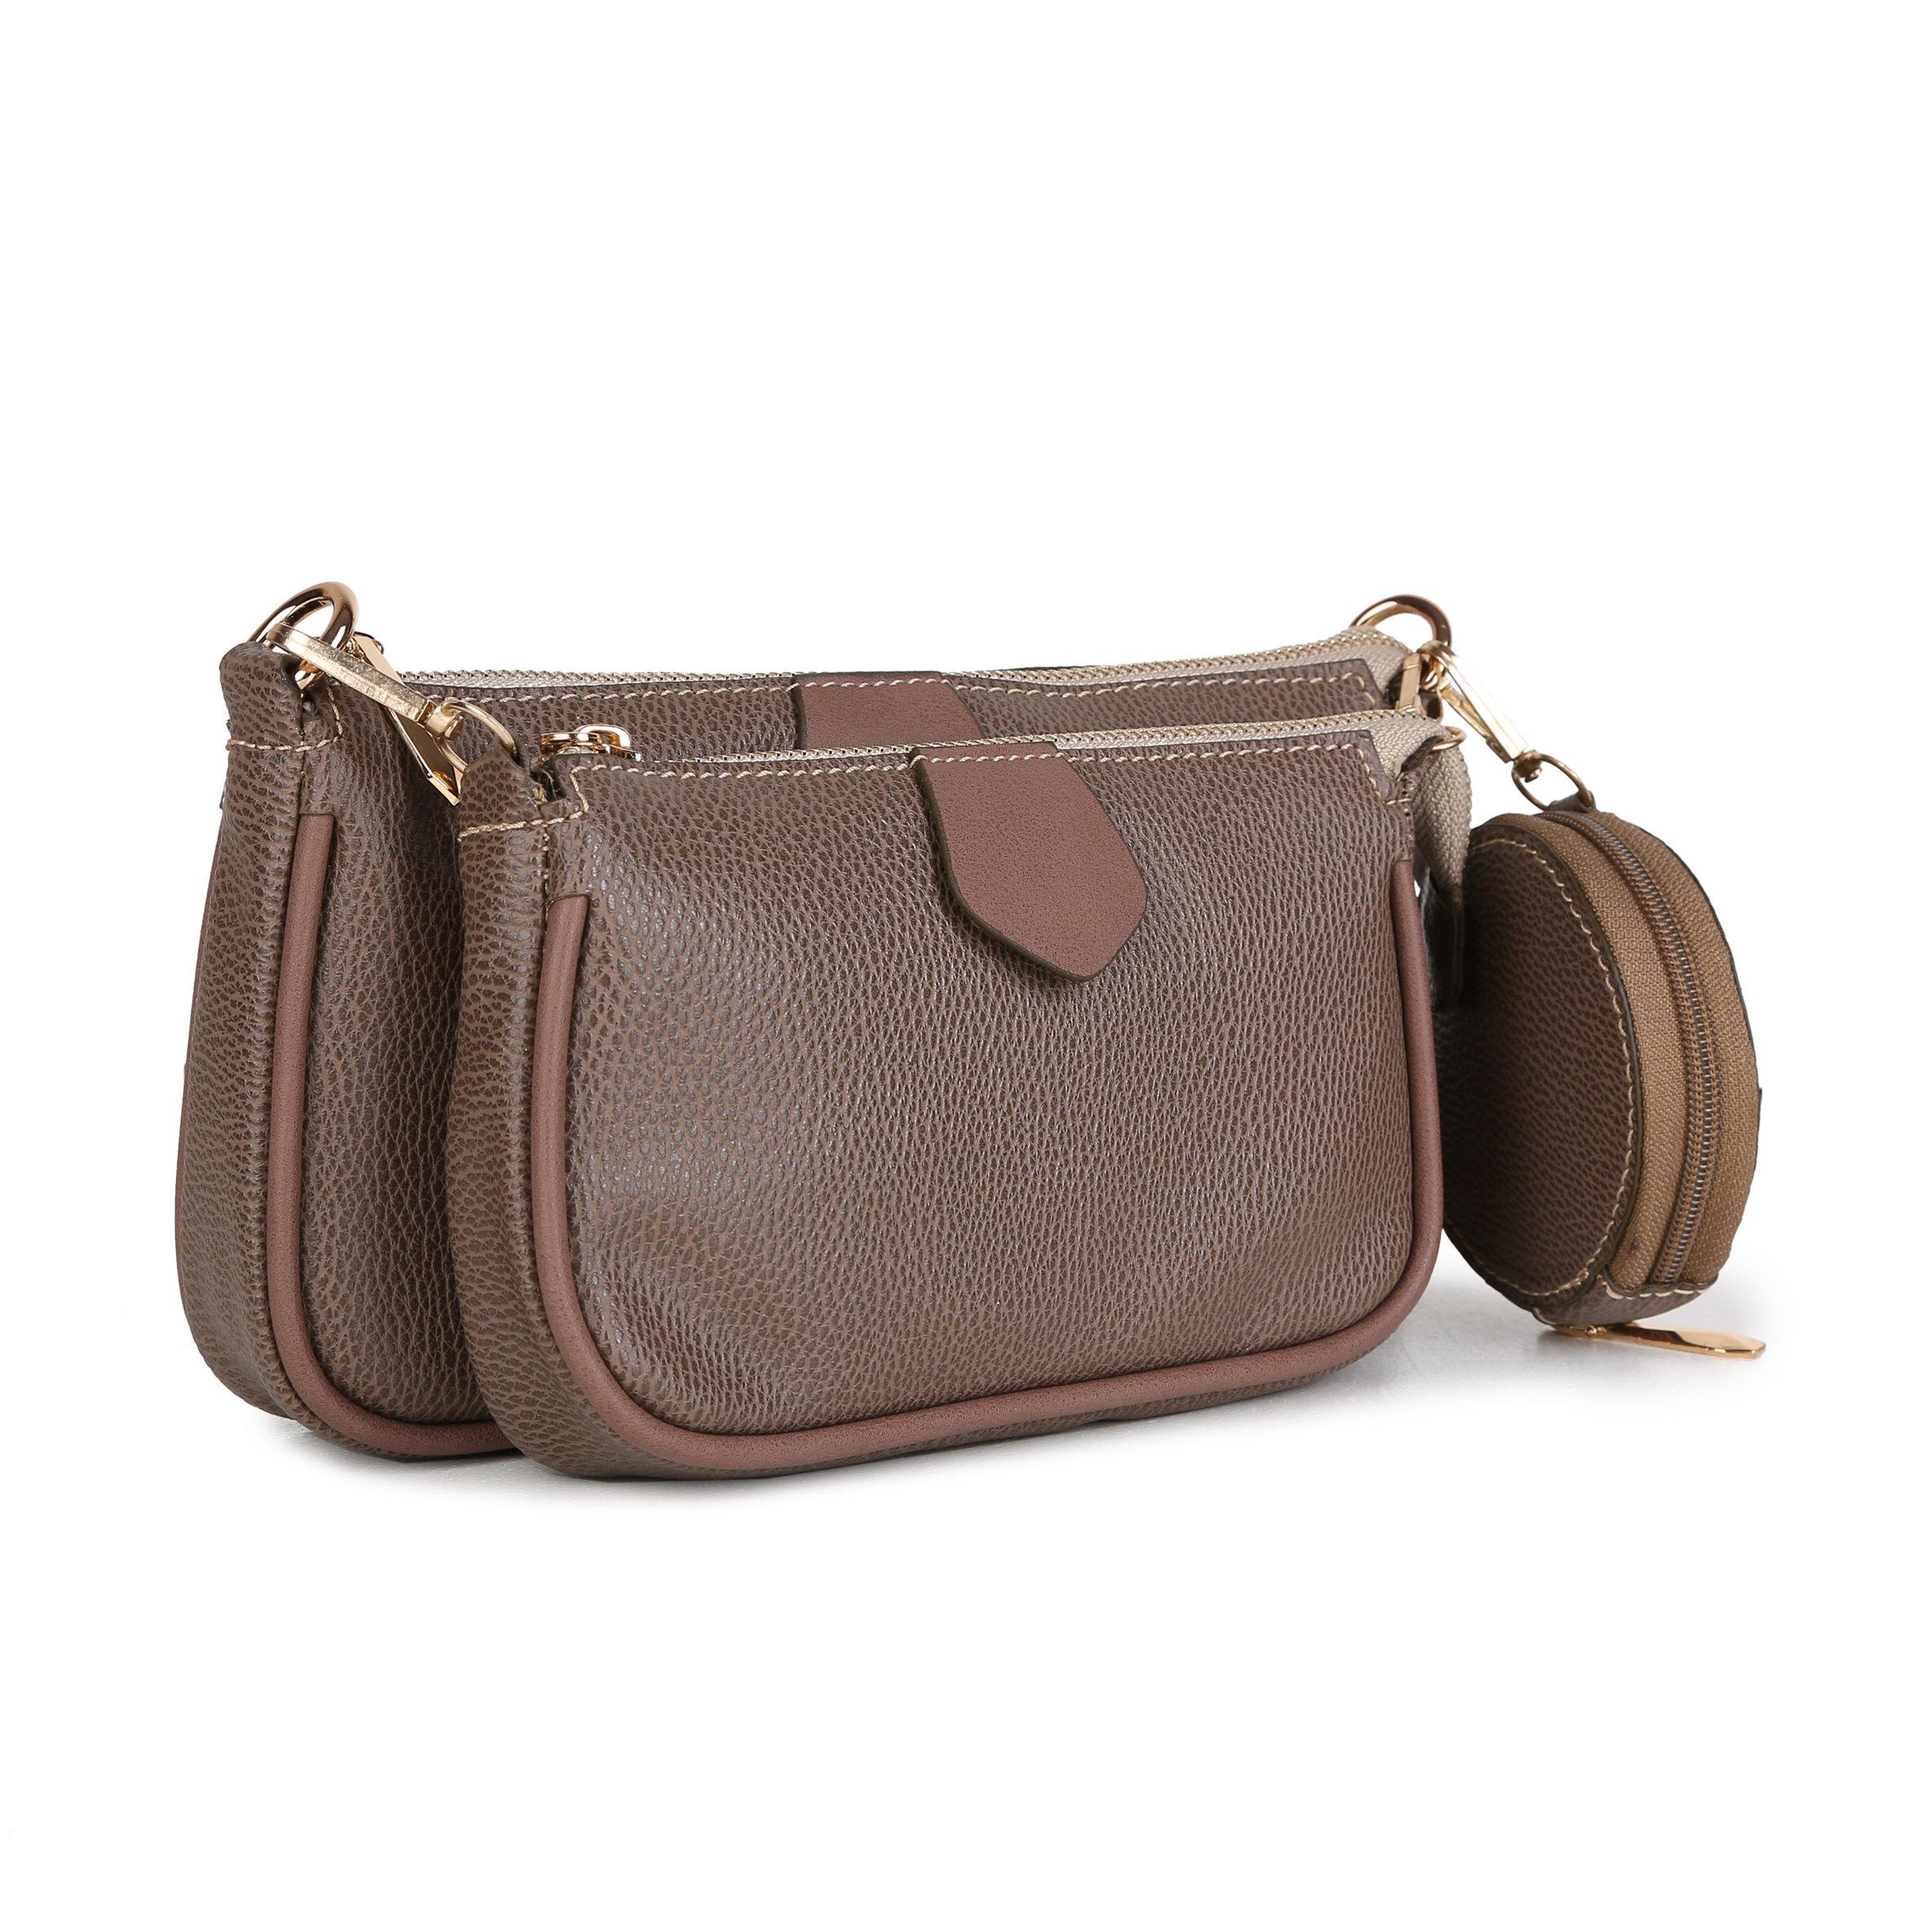 کیف چرم مصنوعی فابیانو 0084 (24*13 cm)